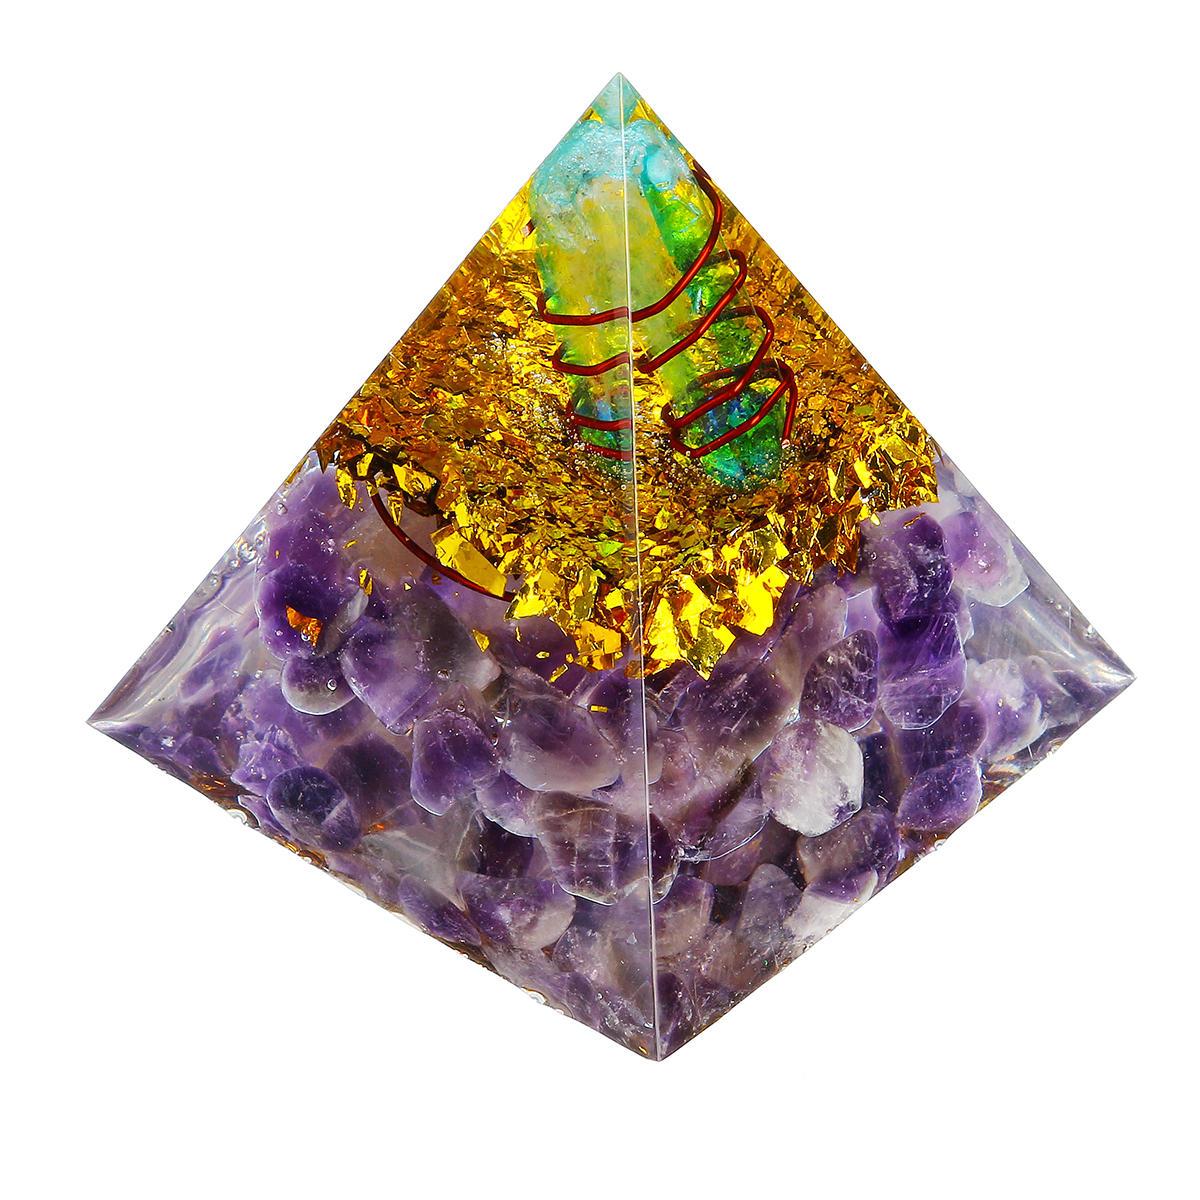 Гималаи Каменные украшения Оргона Пирамида Генератор энергии Башня Главная Рейки Исцеление Кристалл фото